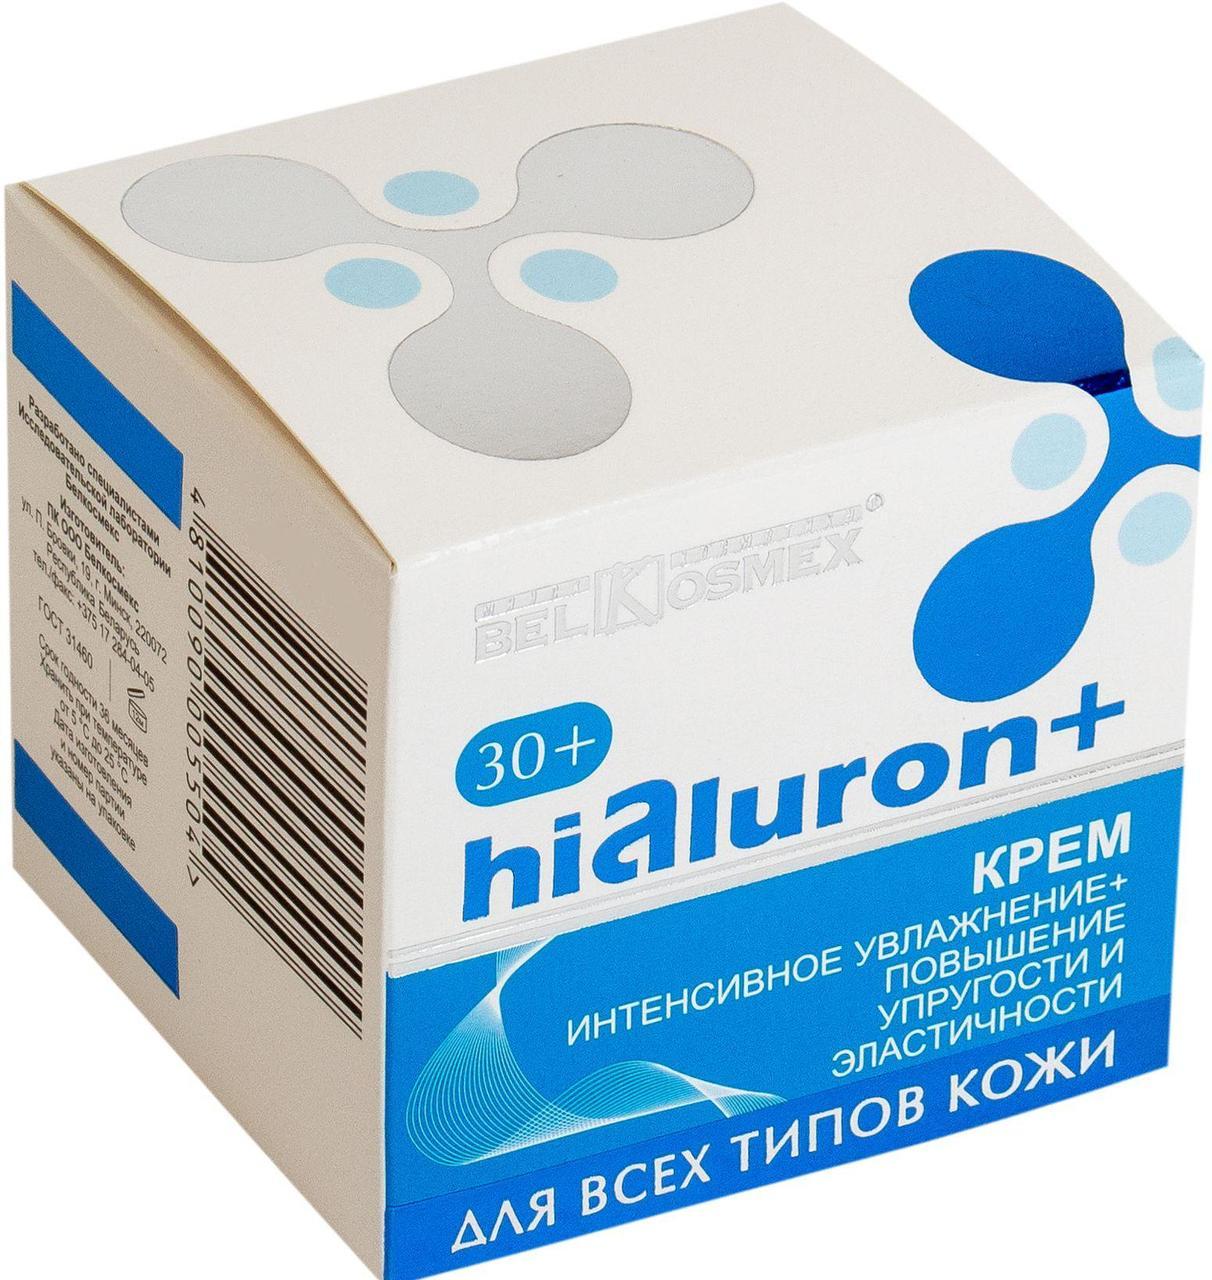 Крем интенсивное увлажнение + повышение упругости и эластичности 30+ для всех типов кожи